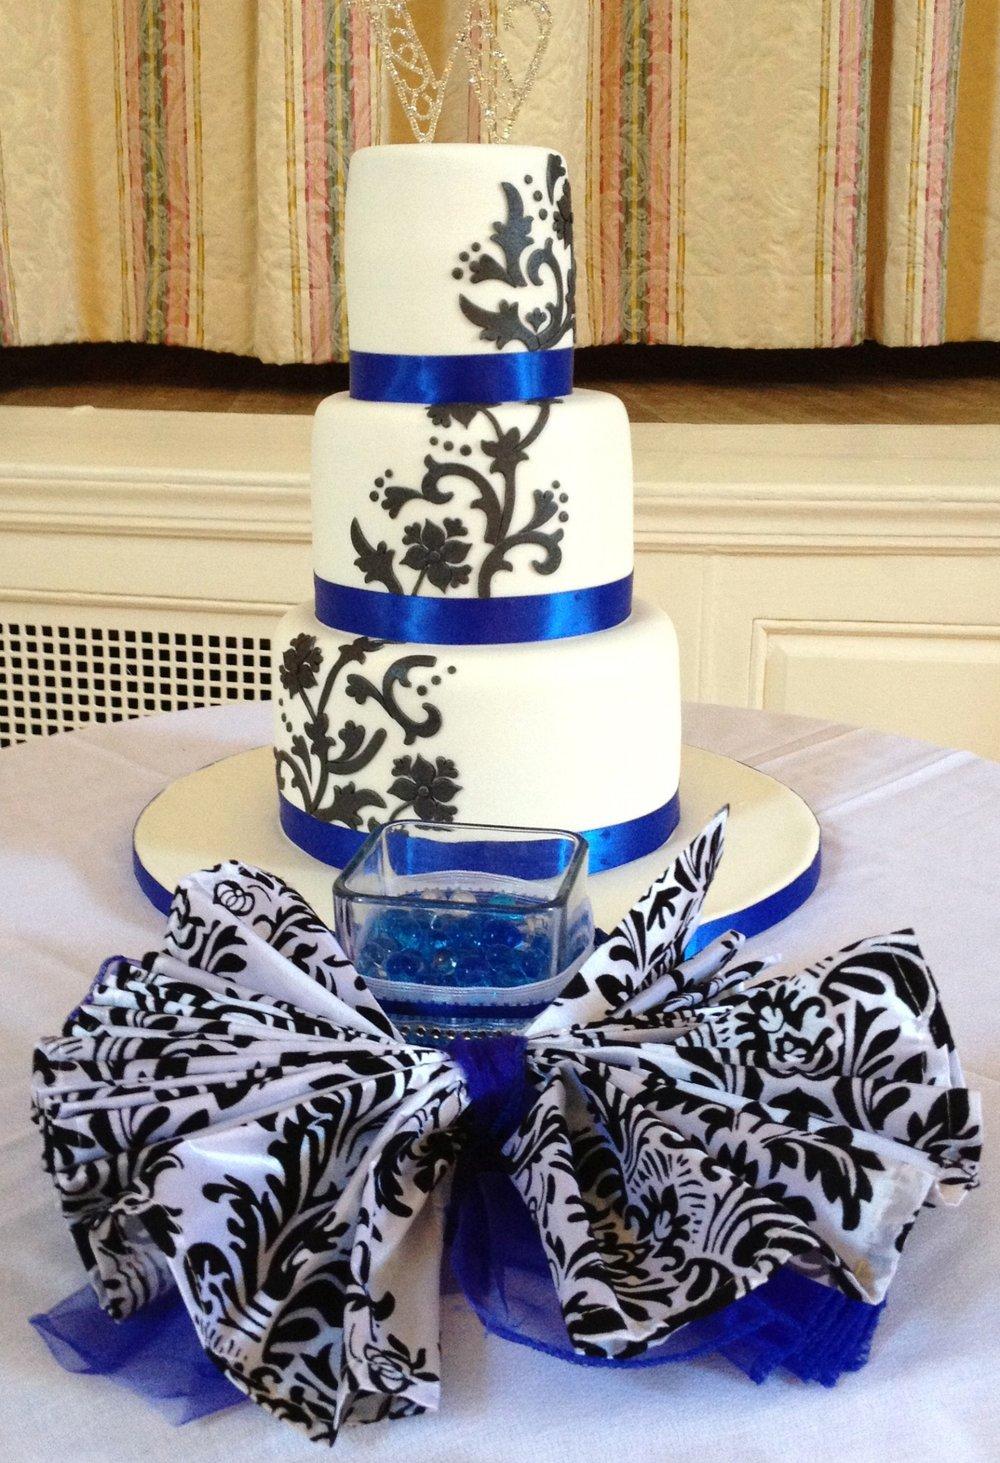 A damask wedding